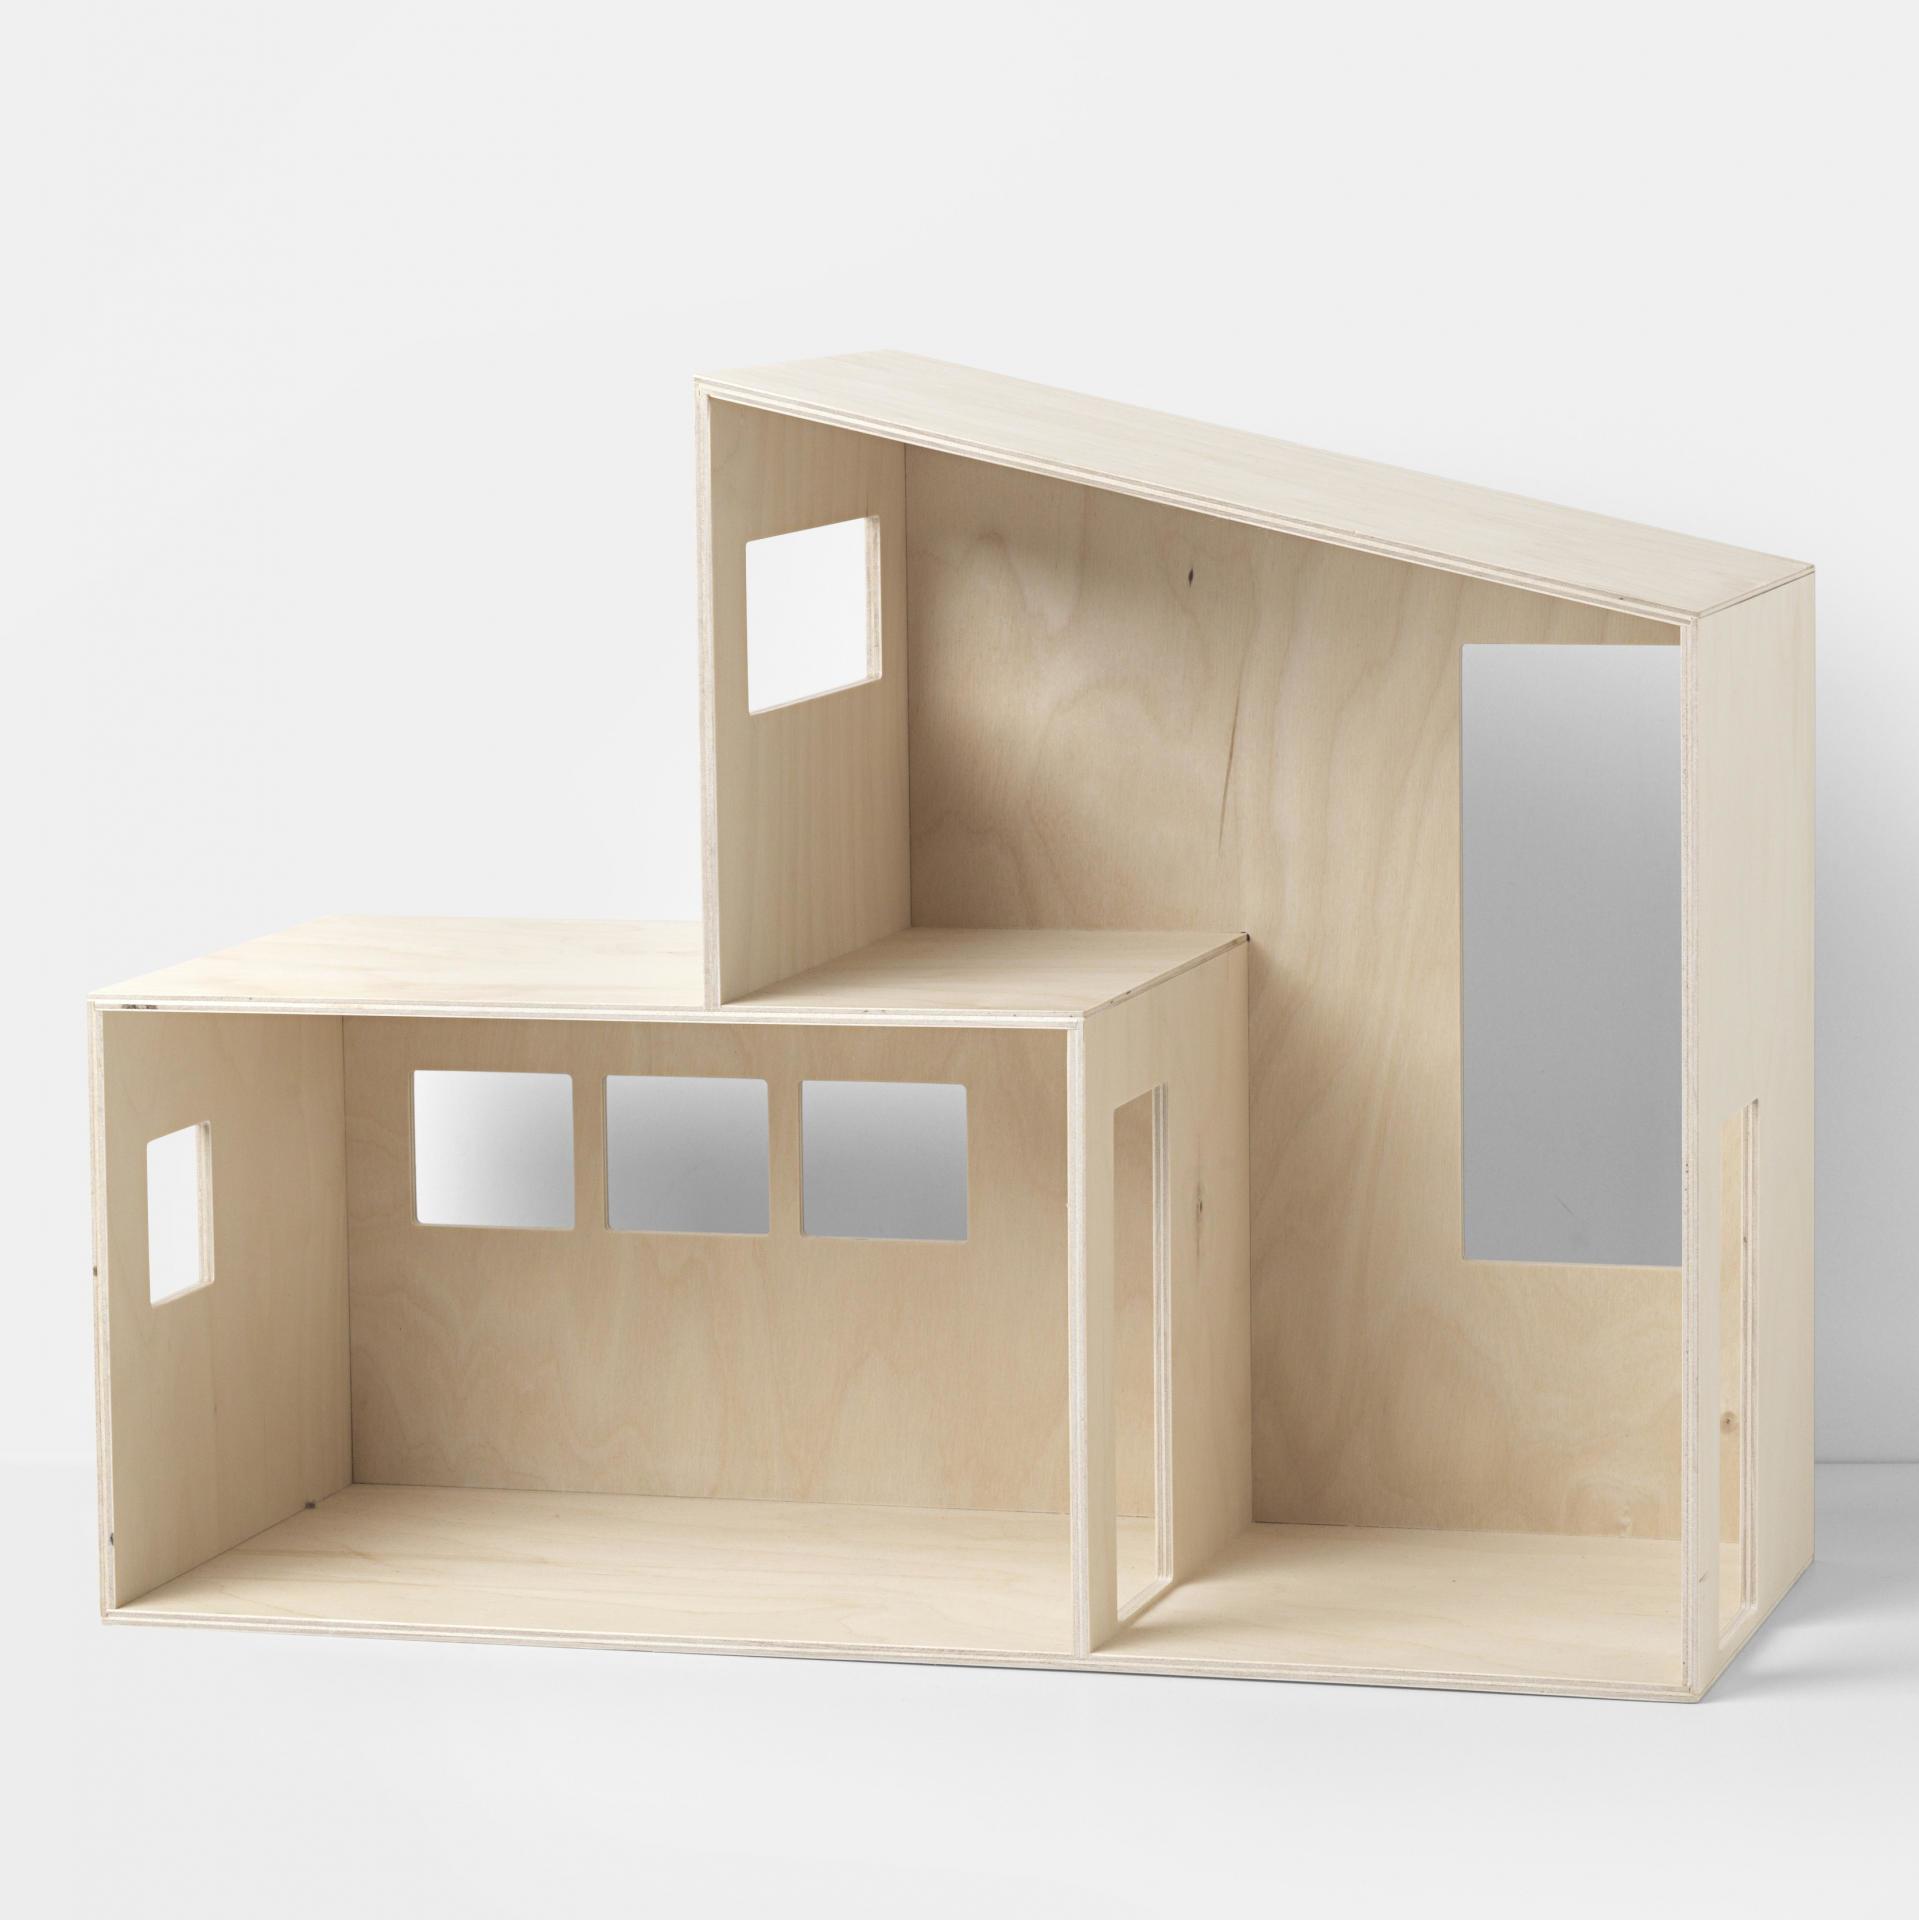 ferm LIVING Multifunkční domeček pro děti Funkis, přírodní barva, dřevo